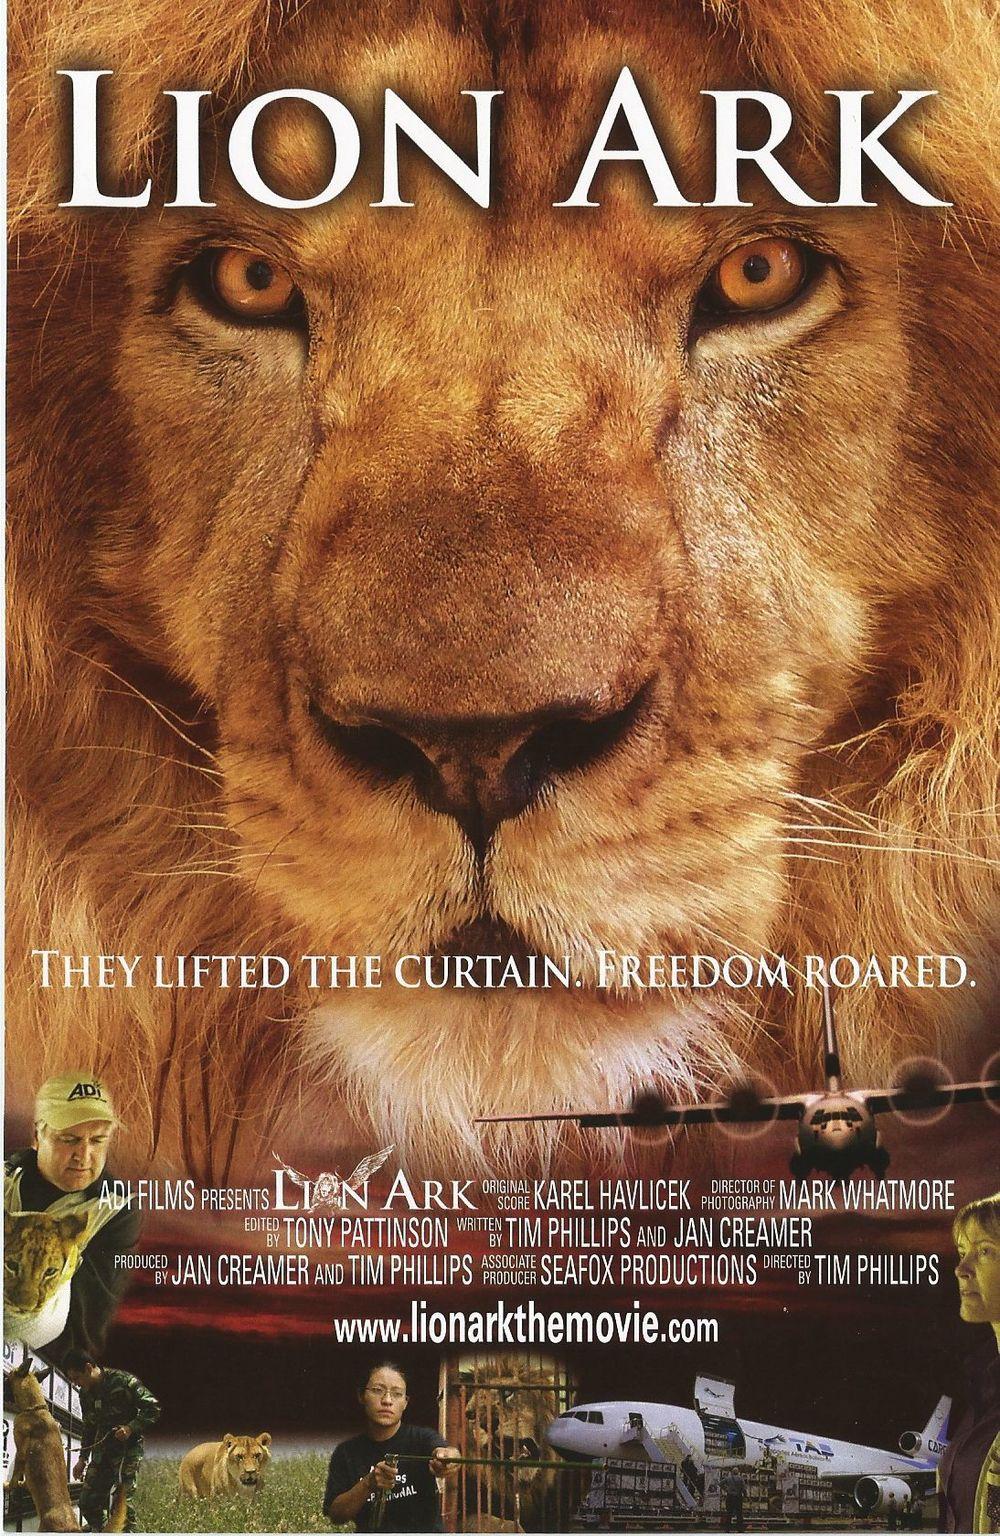 Lion Ark poster.jpg